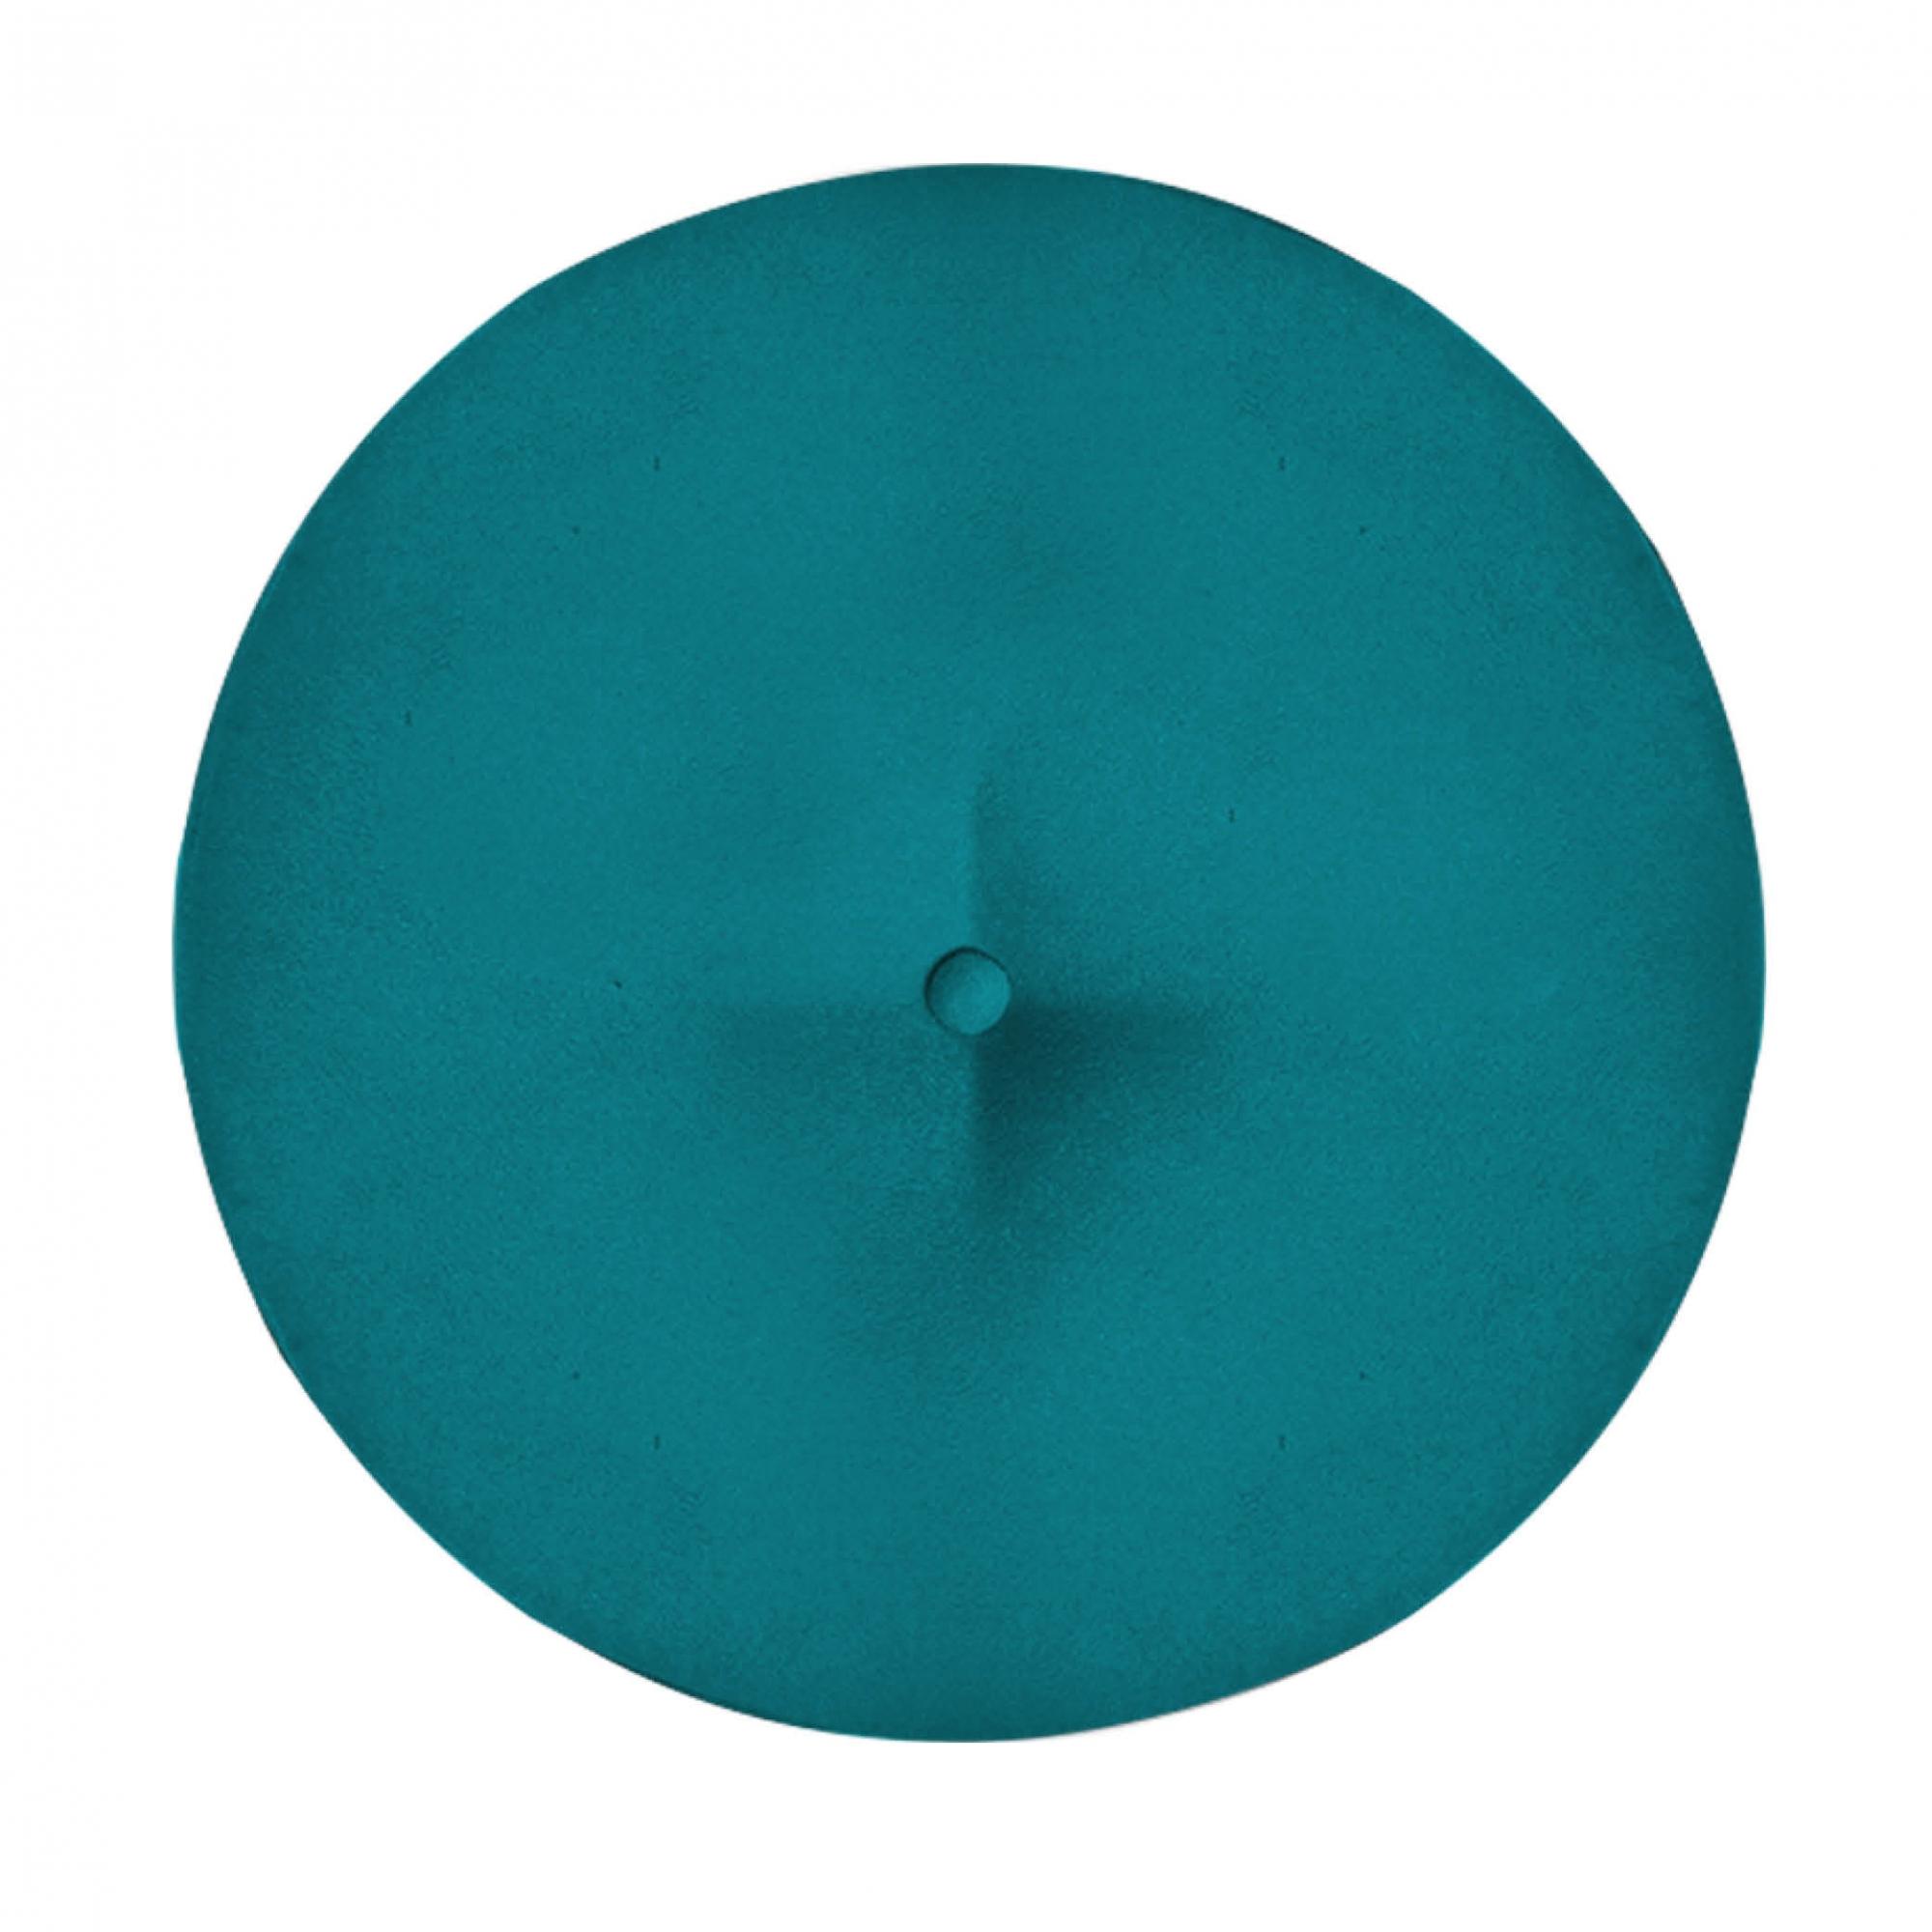 Kit 3 Puff Duda Decoração Redondo Recepção Escritório Sala Estar Salão Quarto D'Classe Decor Suede Azul Tiffany